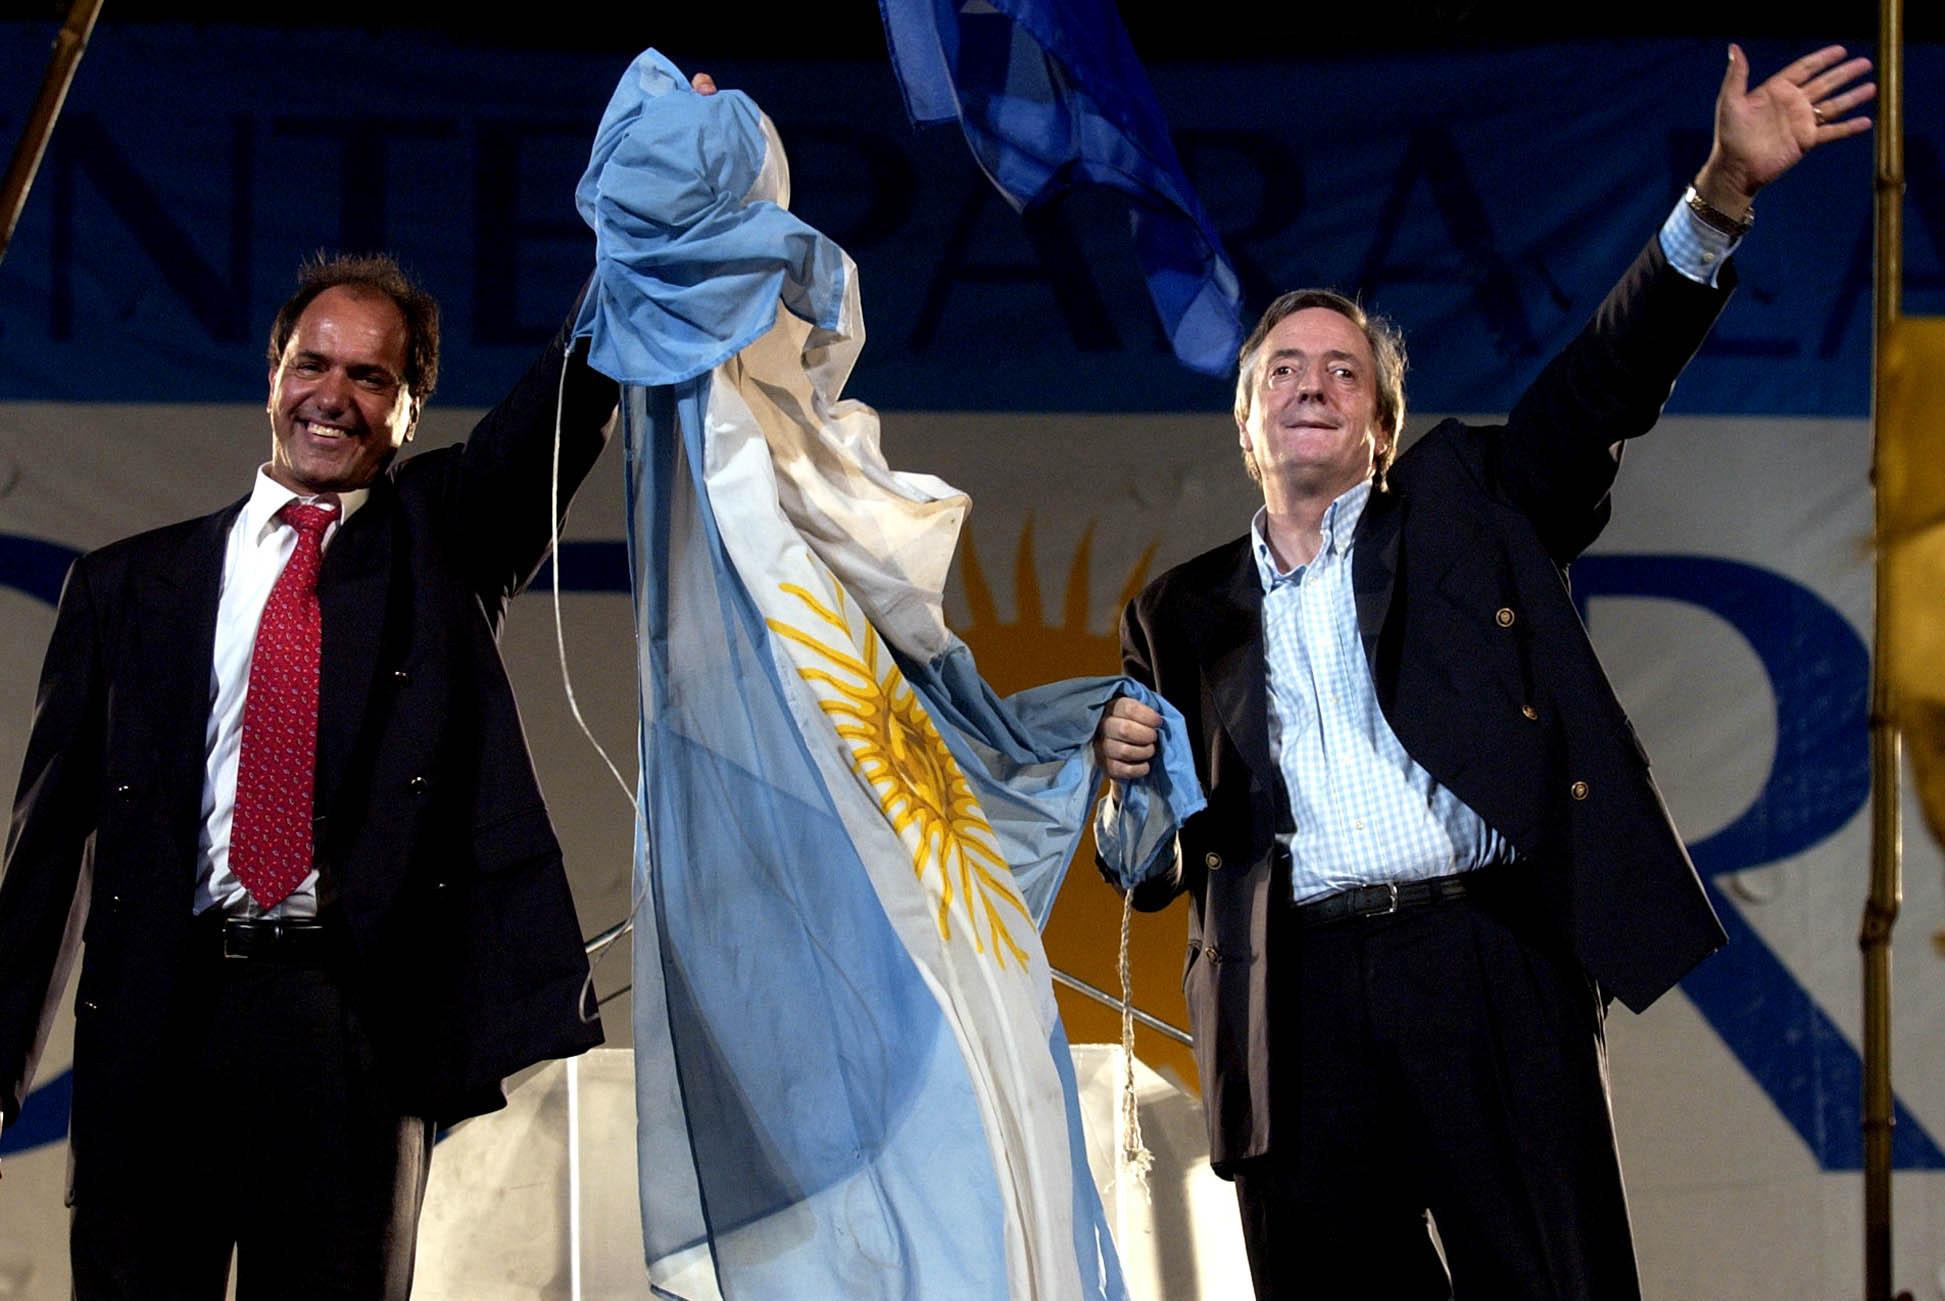 24/04/03, ACTO DE CIERRE DE CAMPAÑA A LA CANDIDATURA PRESIDENCIAL DE LA FORMULA KIRCHNER-SCIOLI